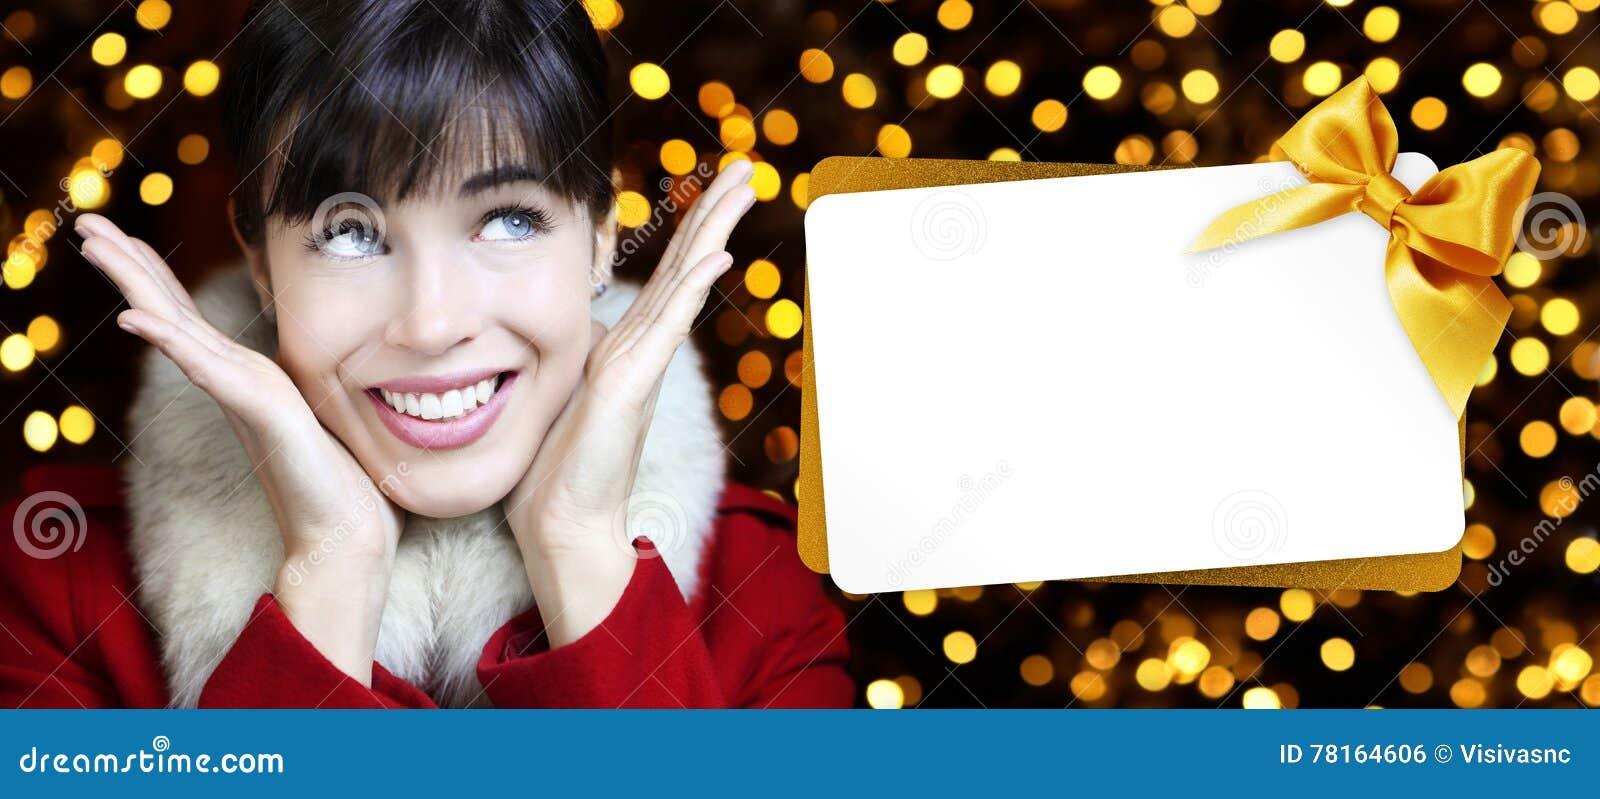 Femme avec la carte cadeaux de Noël dans les lumières d or